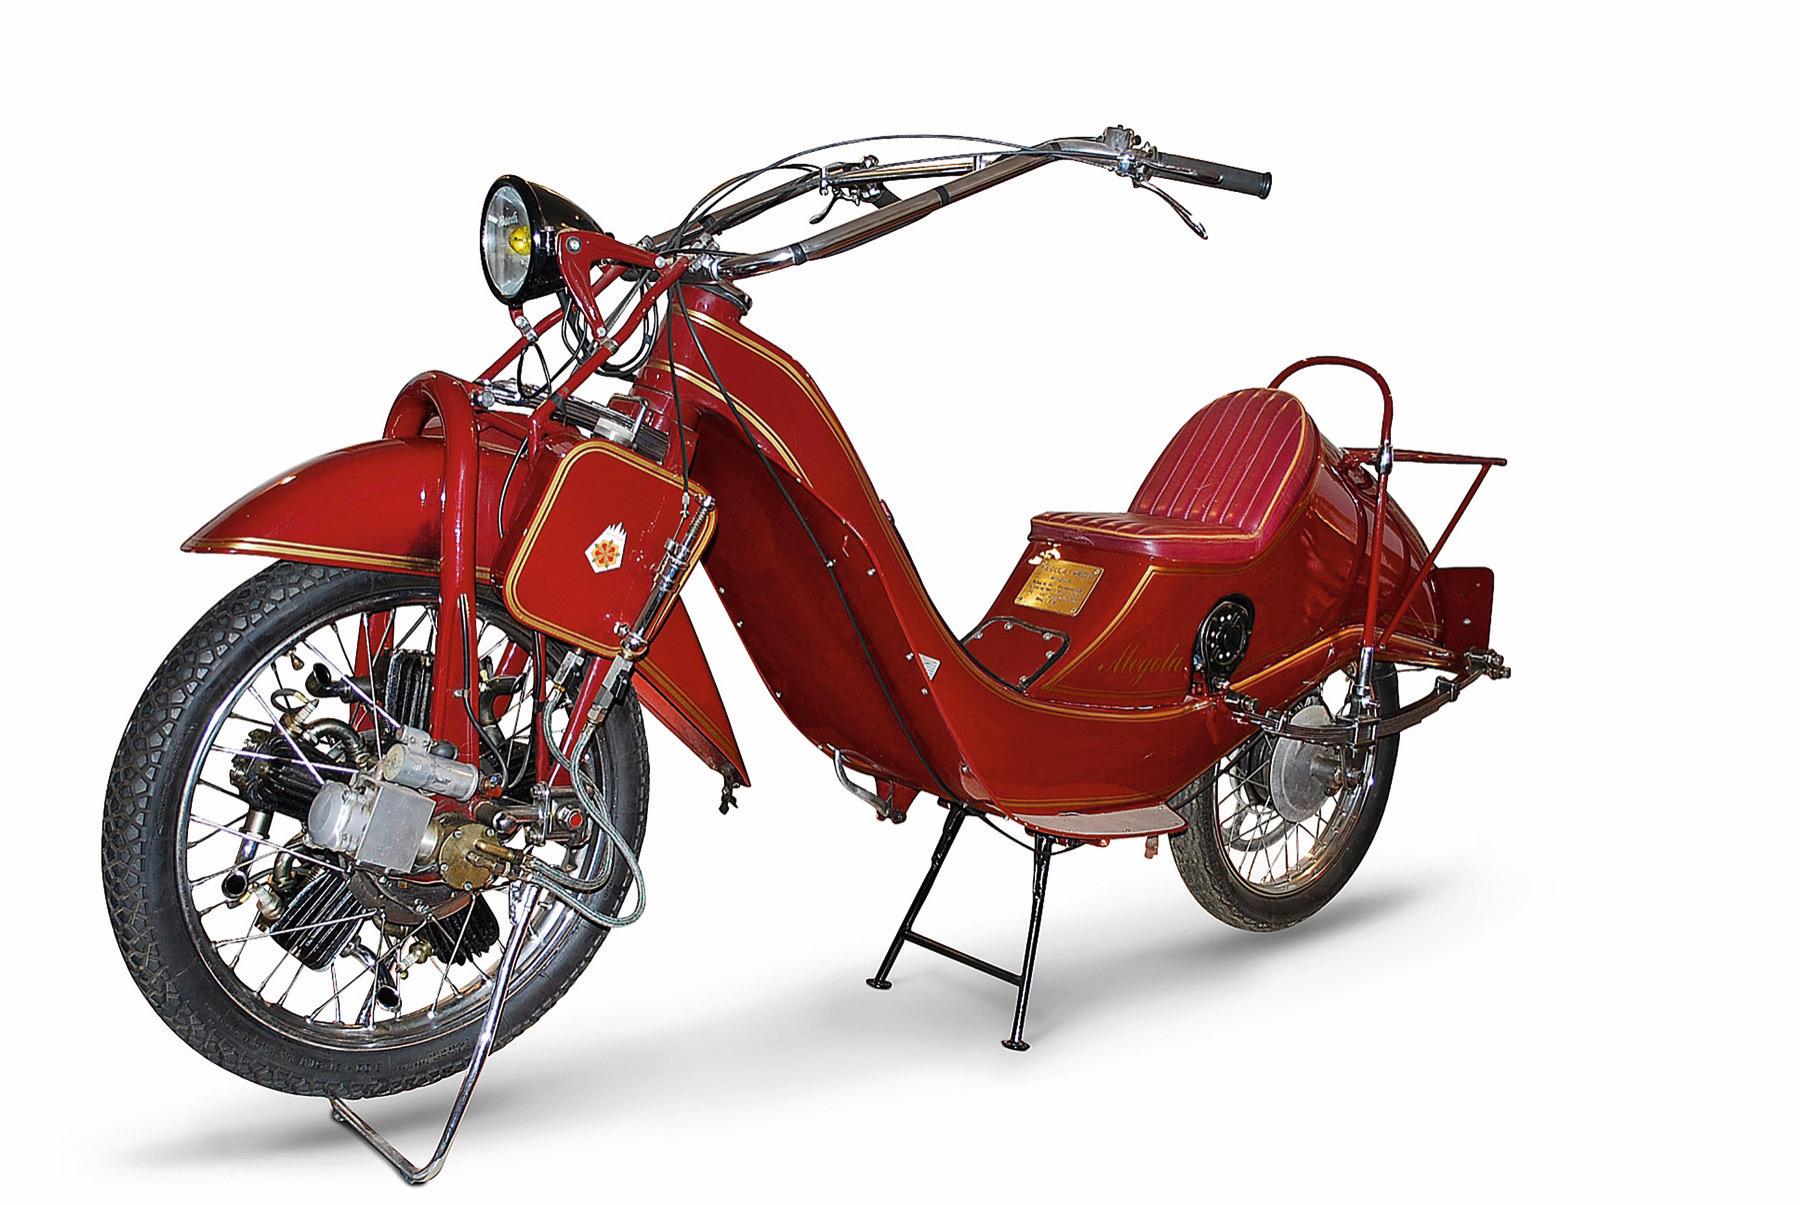 10 motos que rompieron con lo convencional y apostaron por lo insólito